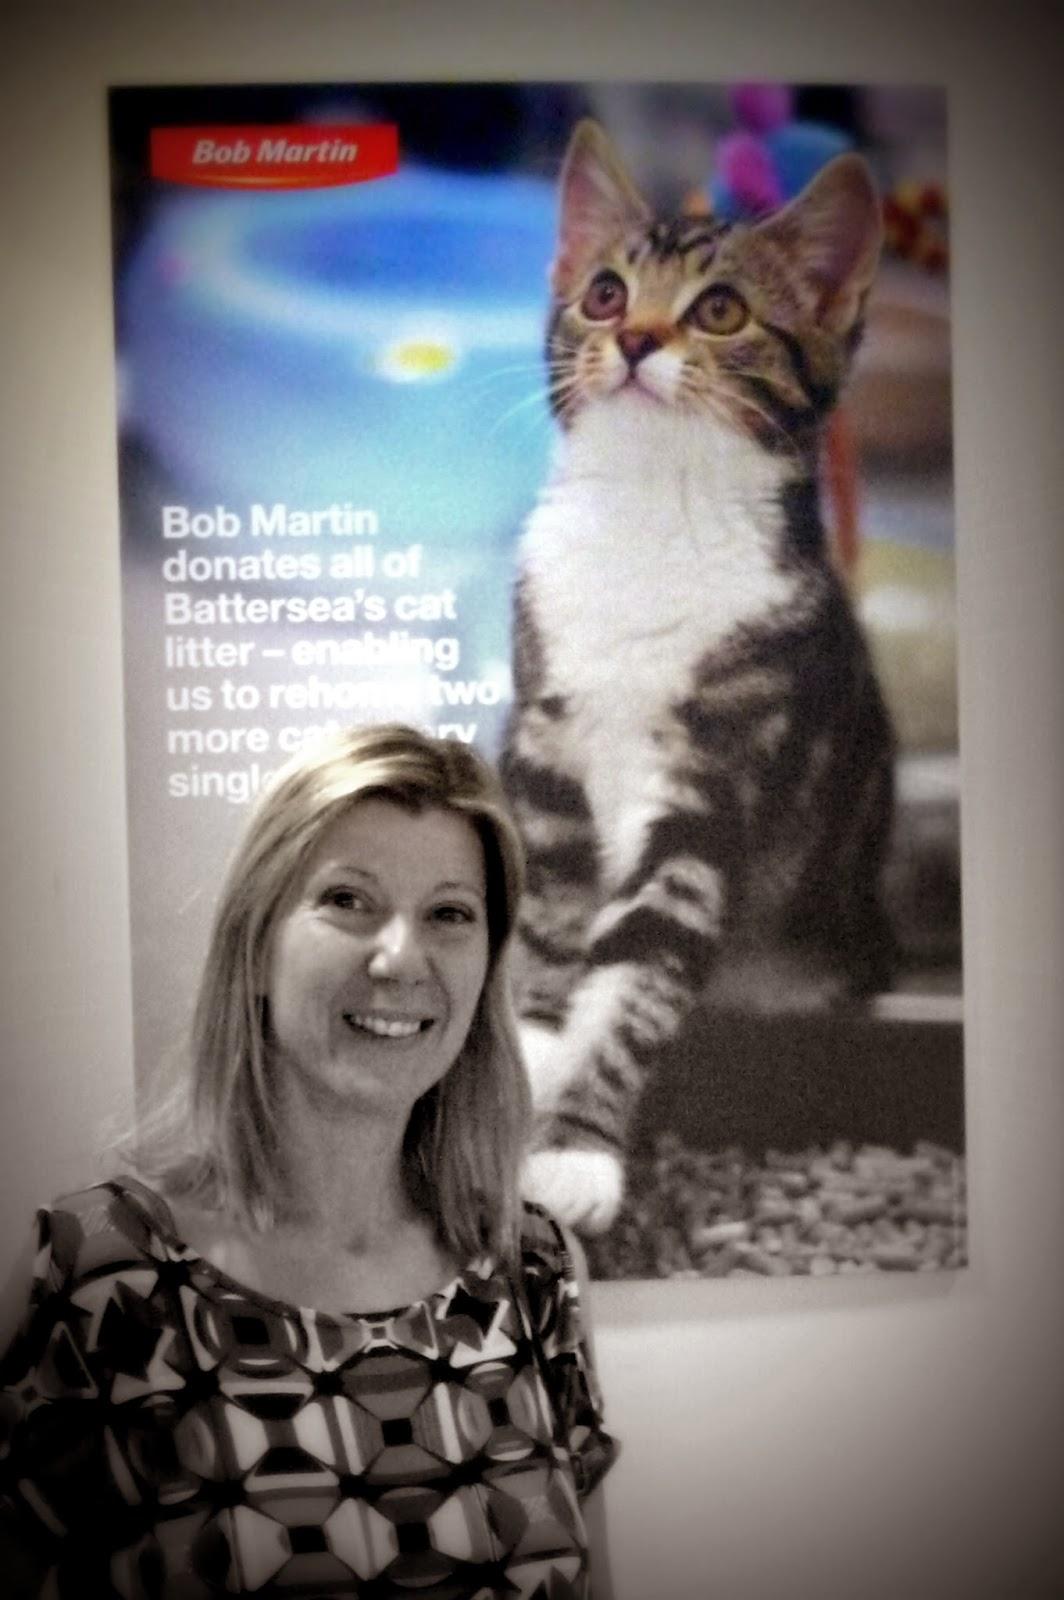 Bob Martin Pink Cat Litter